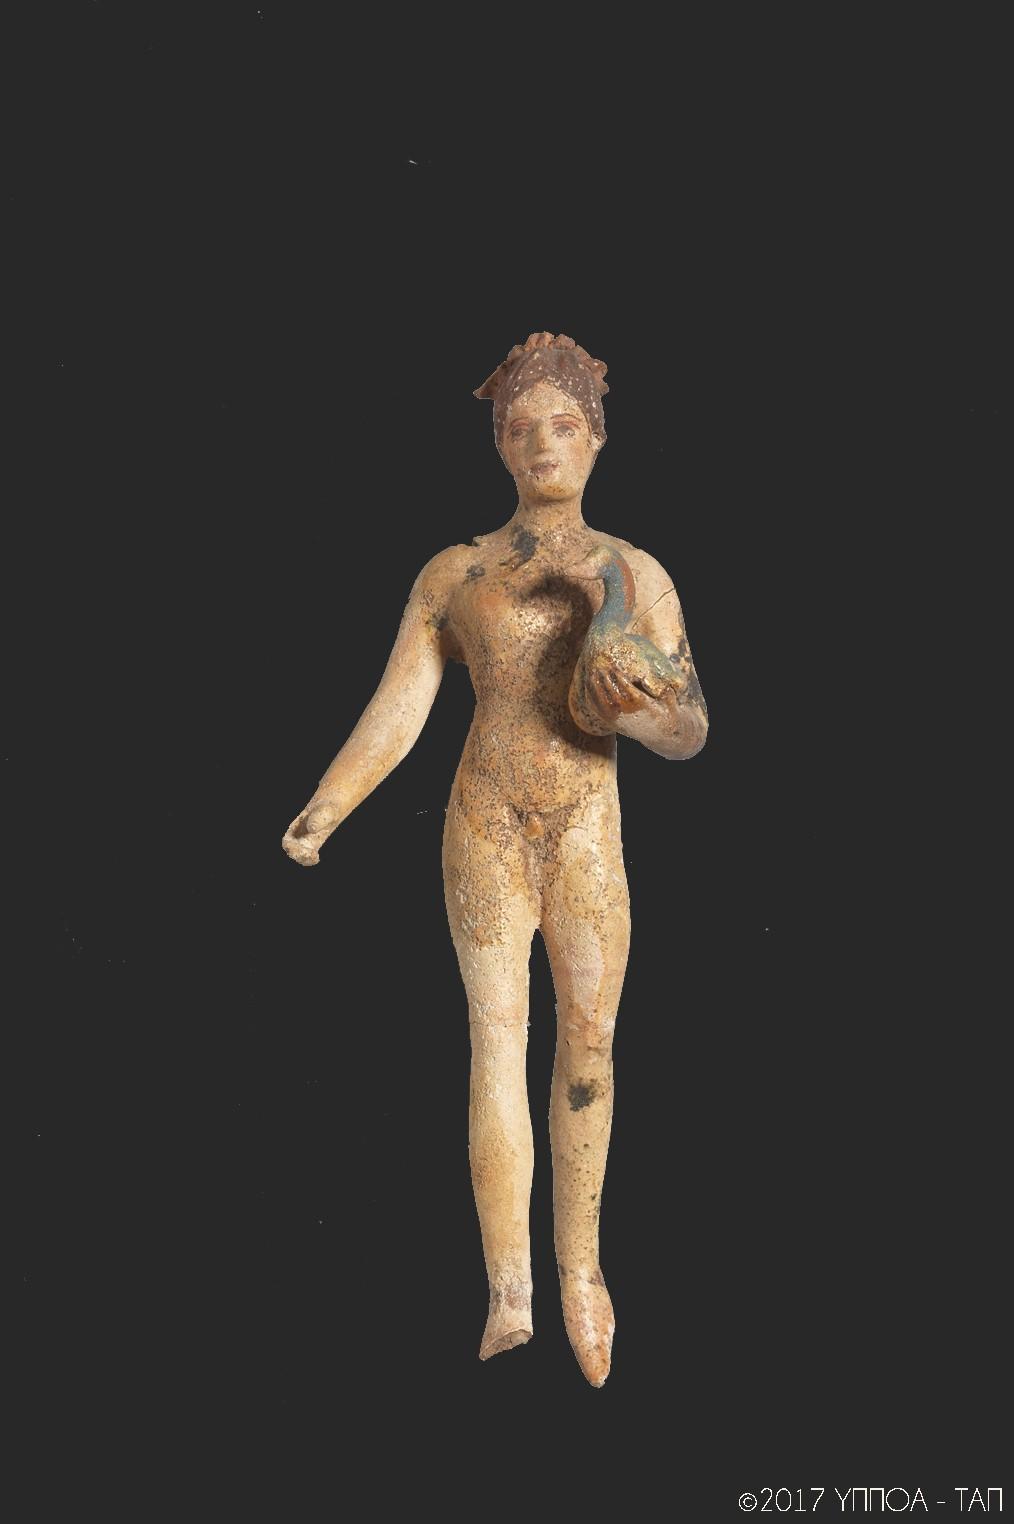 Ιπτάμενος έρωτας 350-300 π.Χ. Τύμβος Νικήσιανης Καβάλας.